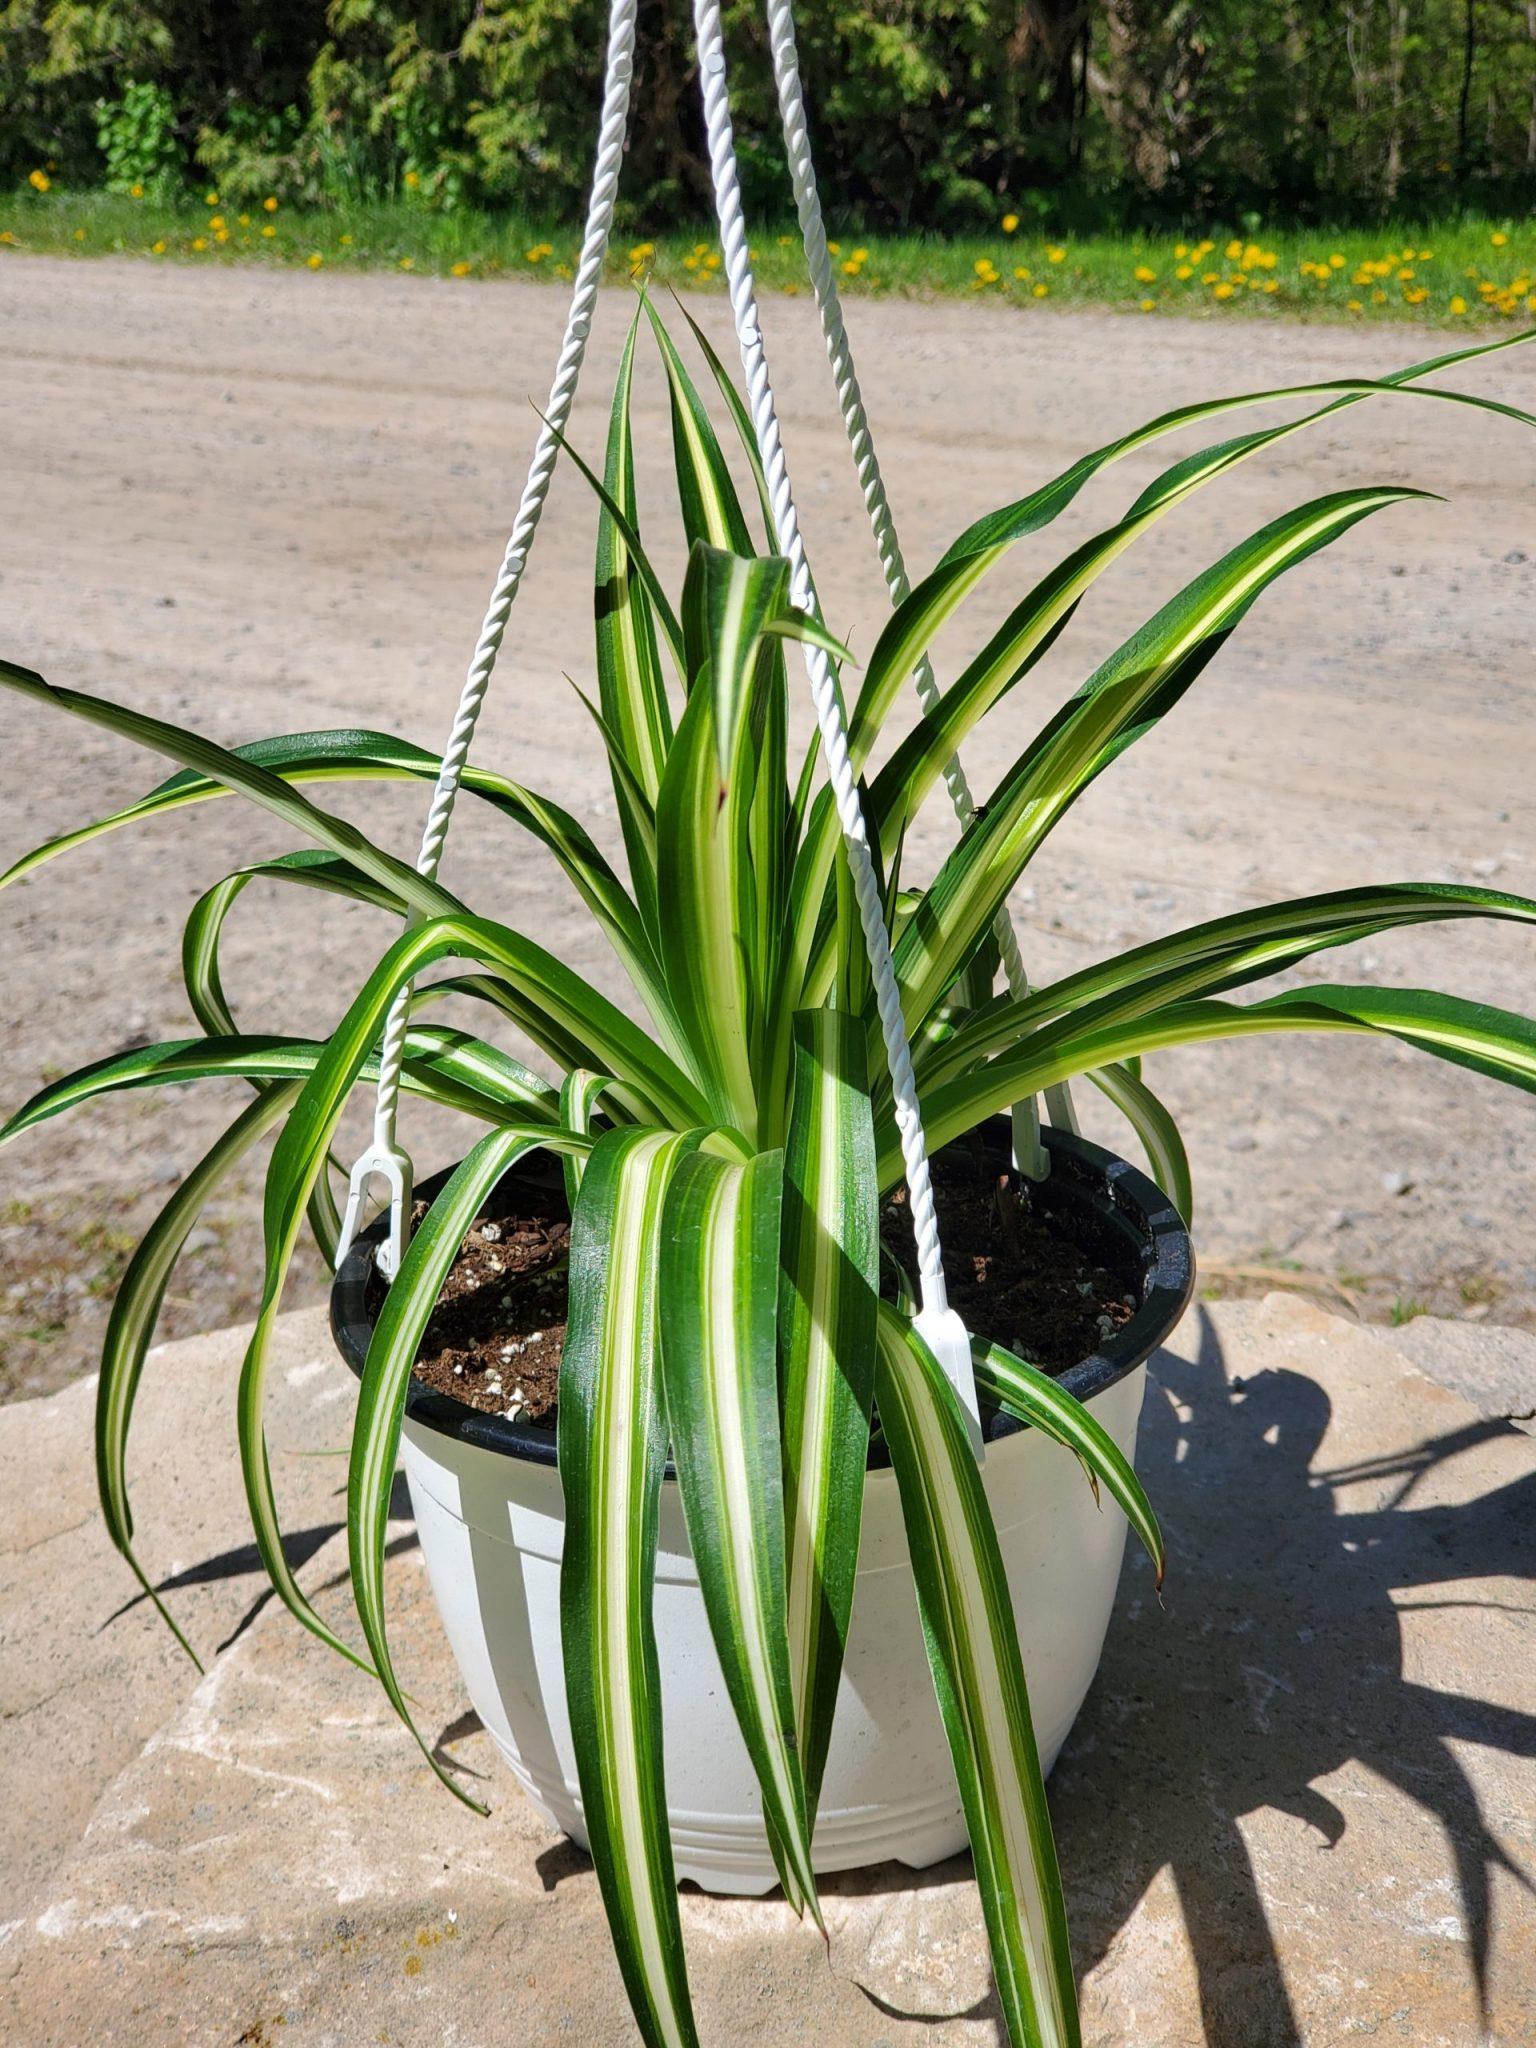 PLANT SPIDER VARIEGATED PLANT 6″ HANGING BASKET LIVE